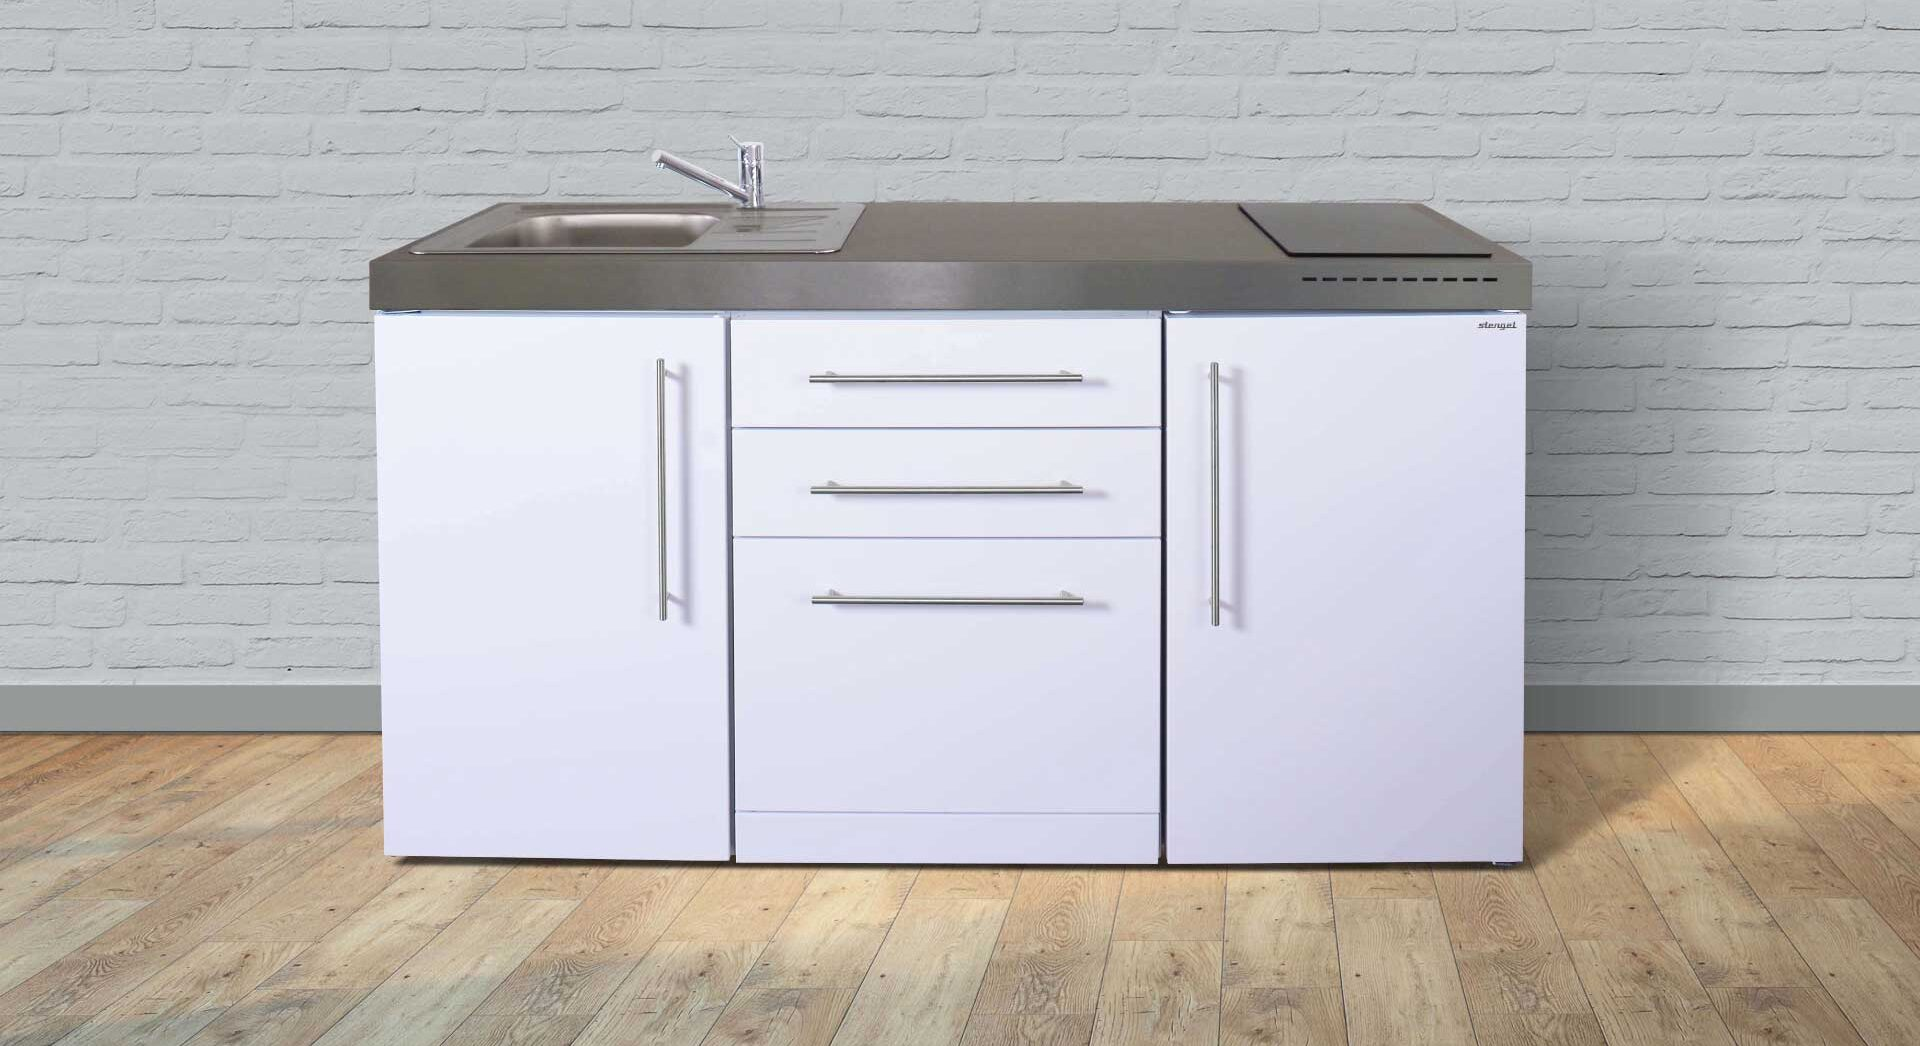 Kimbrer Minikøkken MPGS 160 inkl. køleskab, opvaskemaskine mm. Tilbud/pris, produktinfo og tilvalg her på siden - kontakt Kimbrer Lines på tlf. 2512 6789 eller info@kimbrerlines.dk